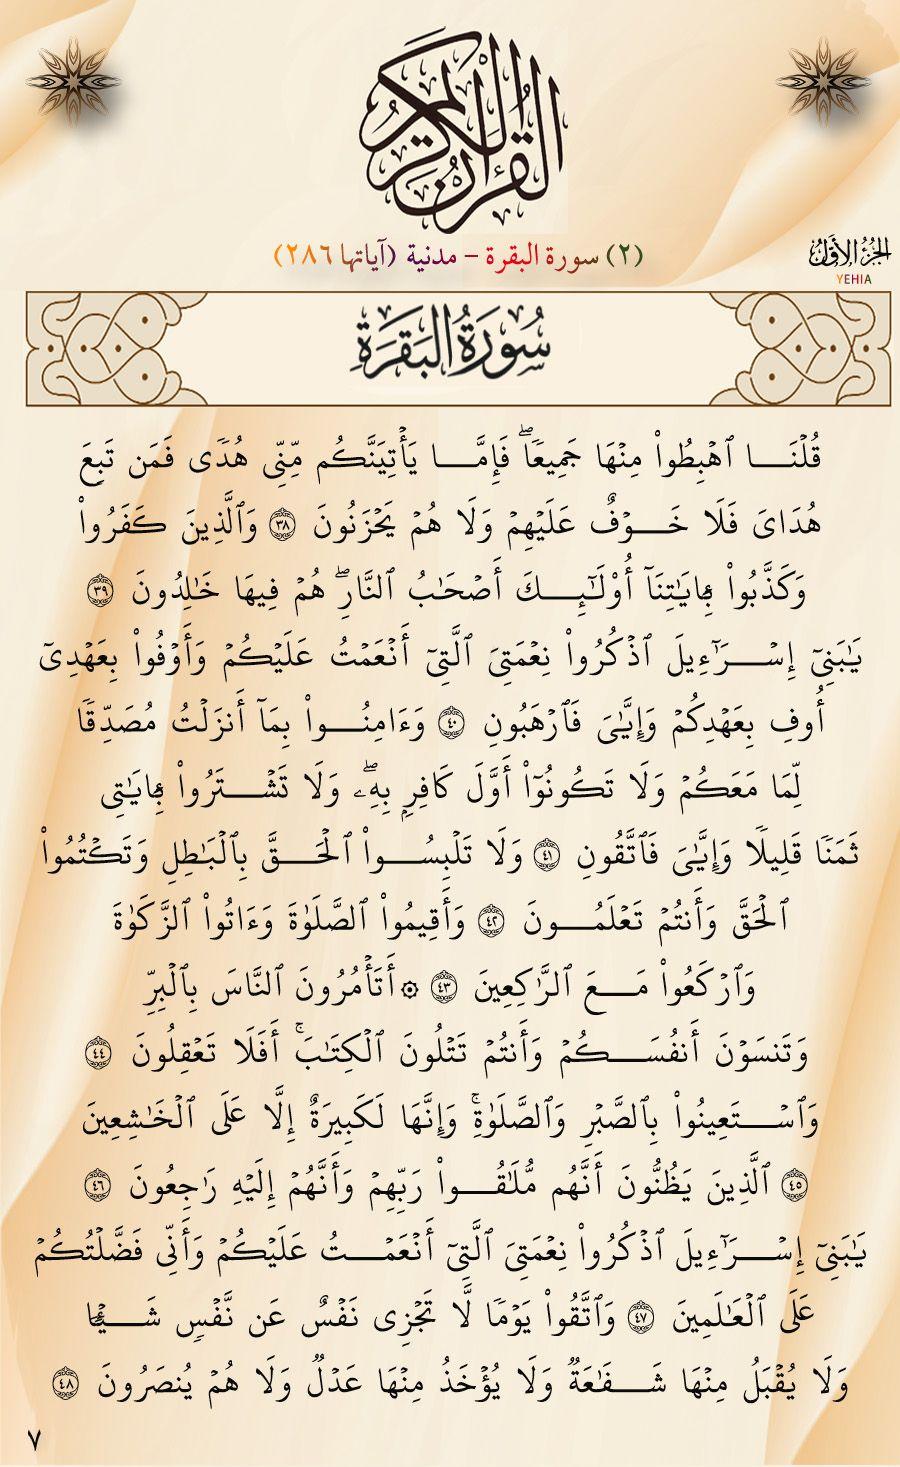 المصحف الكريم سورة البقرة 2 Holy Quran Book Quran Book Words